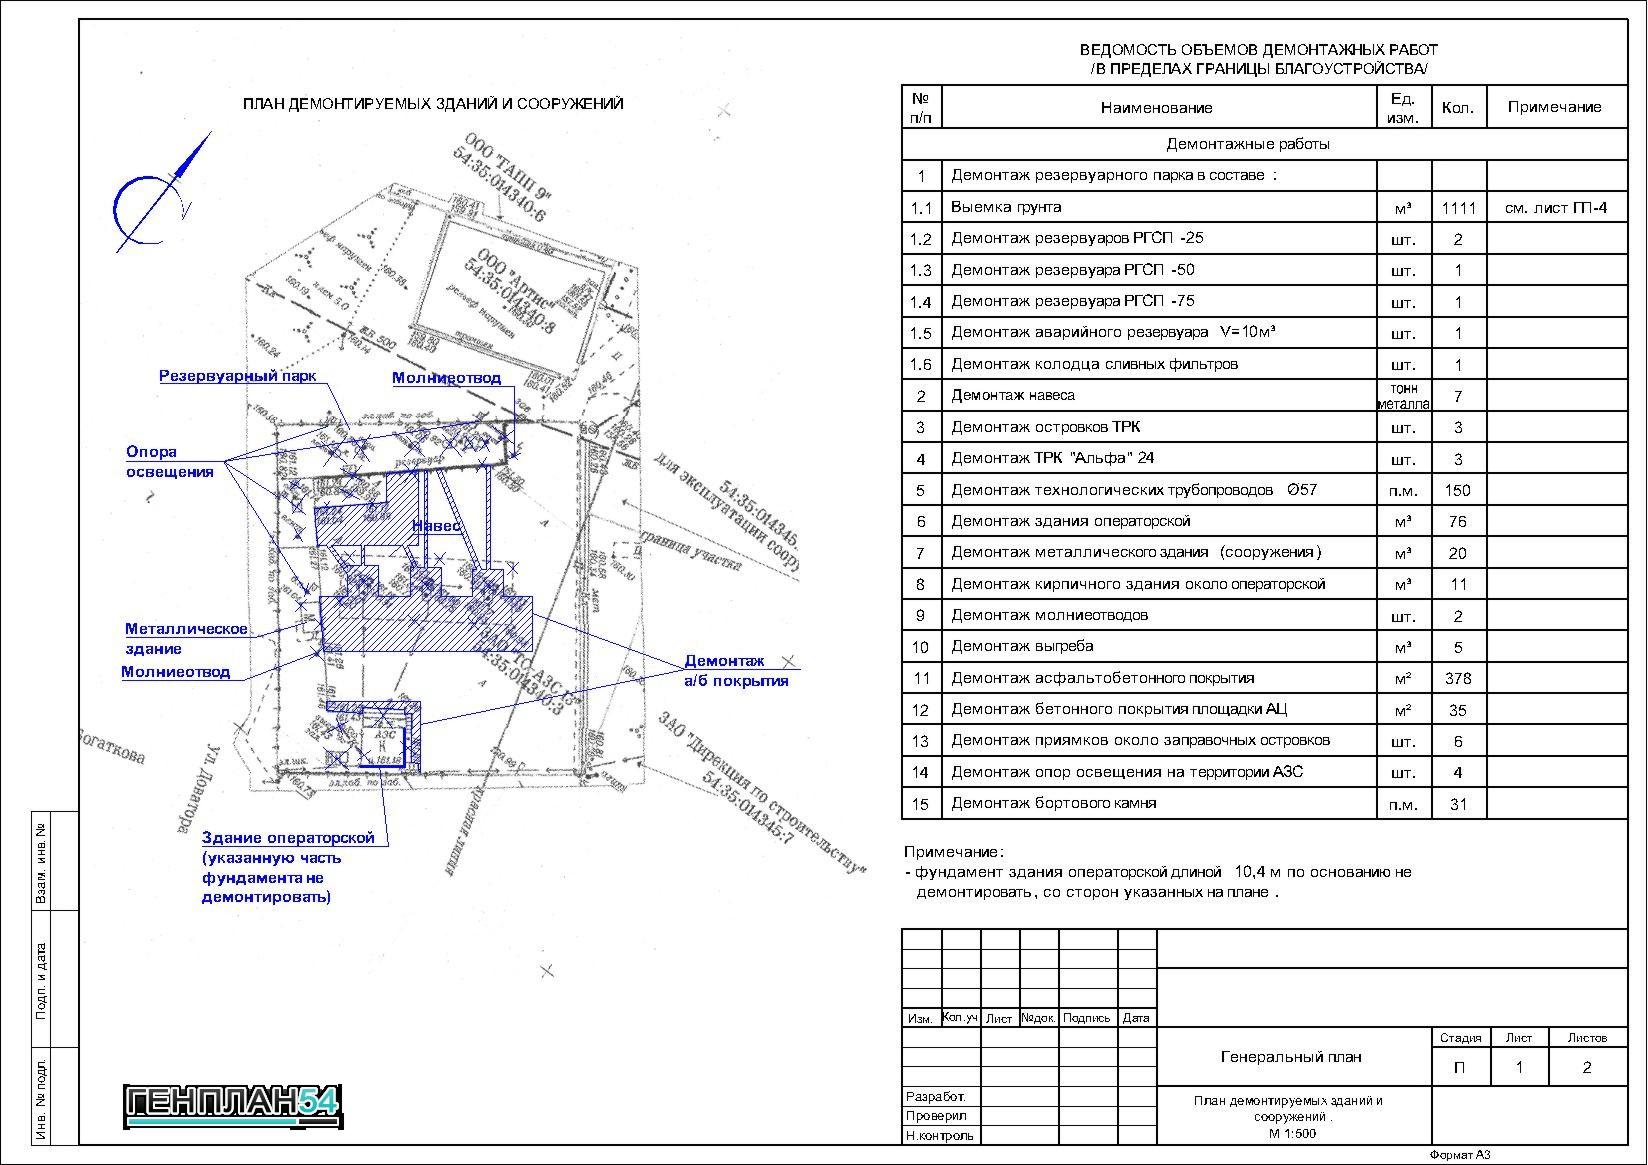 Технологическая схема демонтажа трубопровода